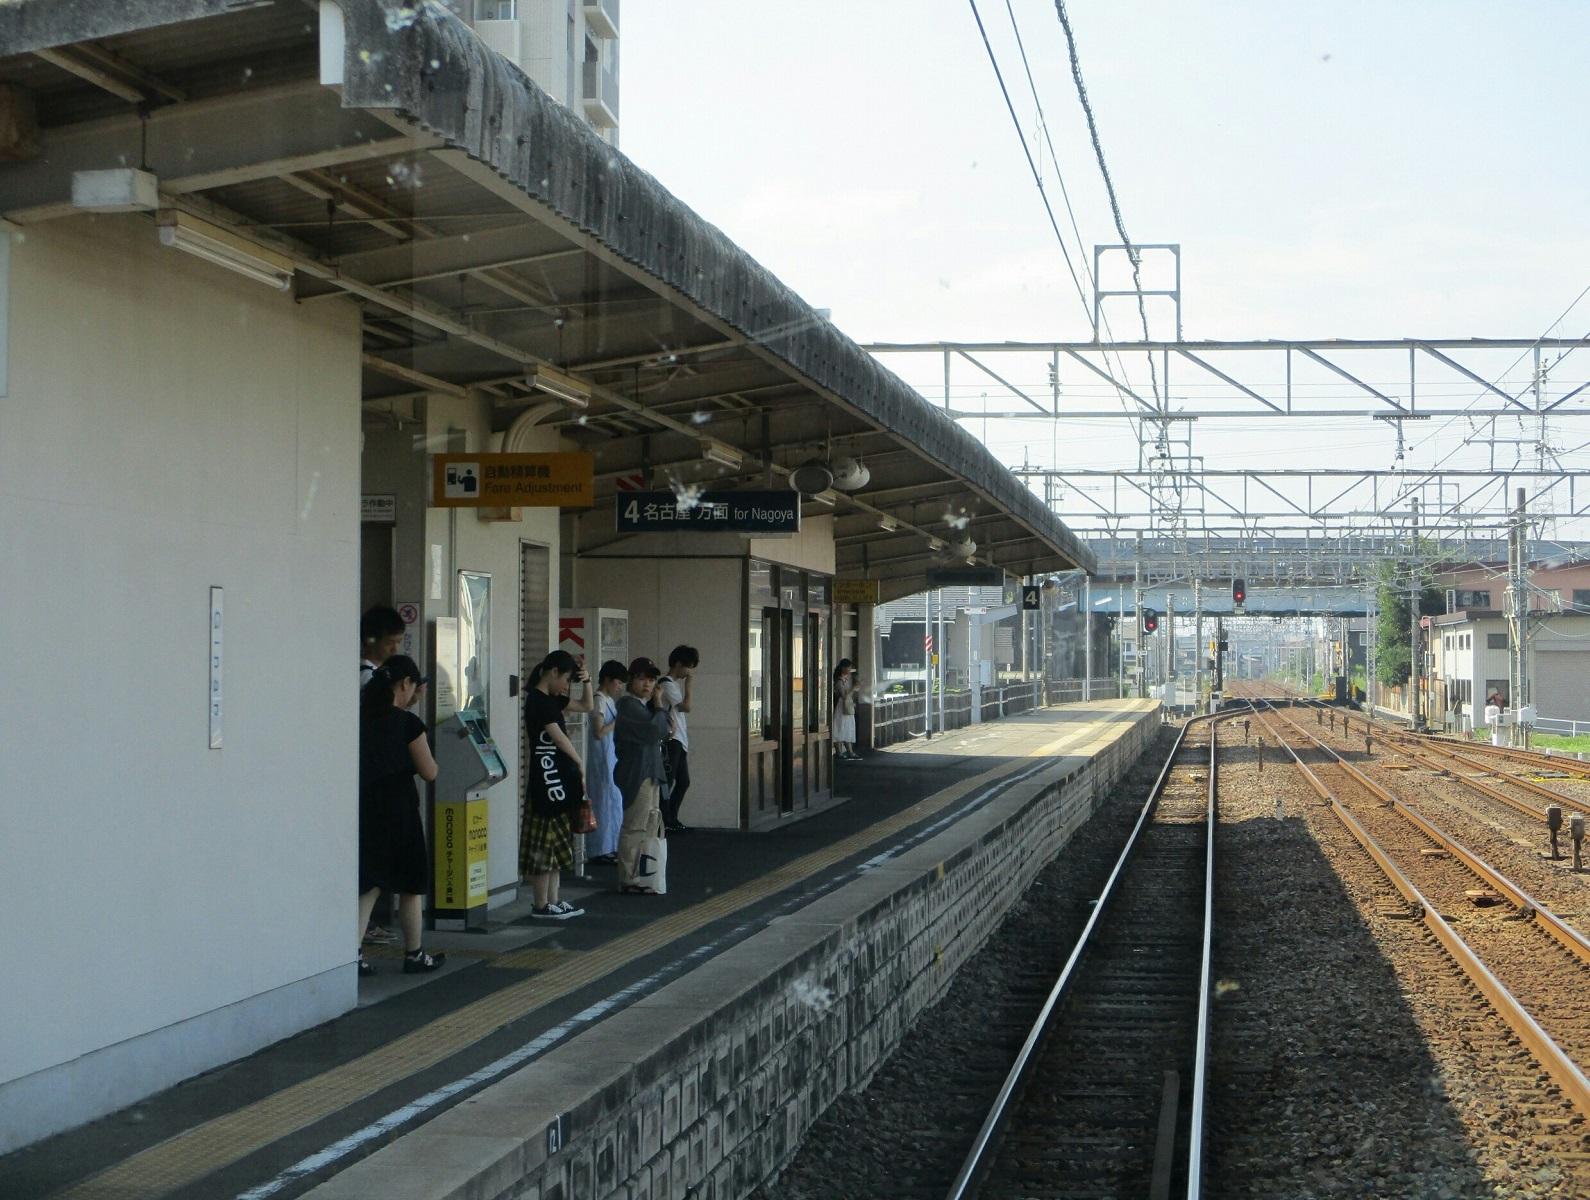 2018.7.18 (18) 須ヶ口いきふつう - 岐南 1590-1200